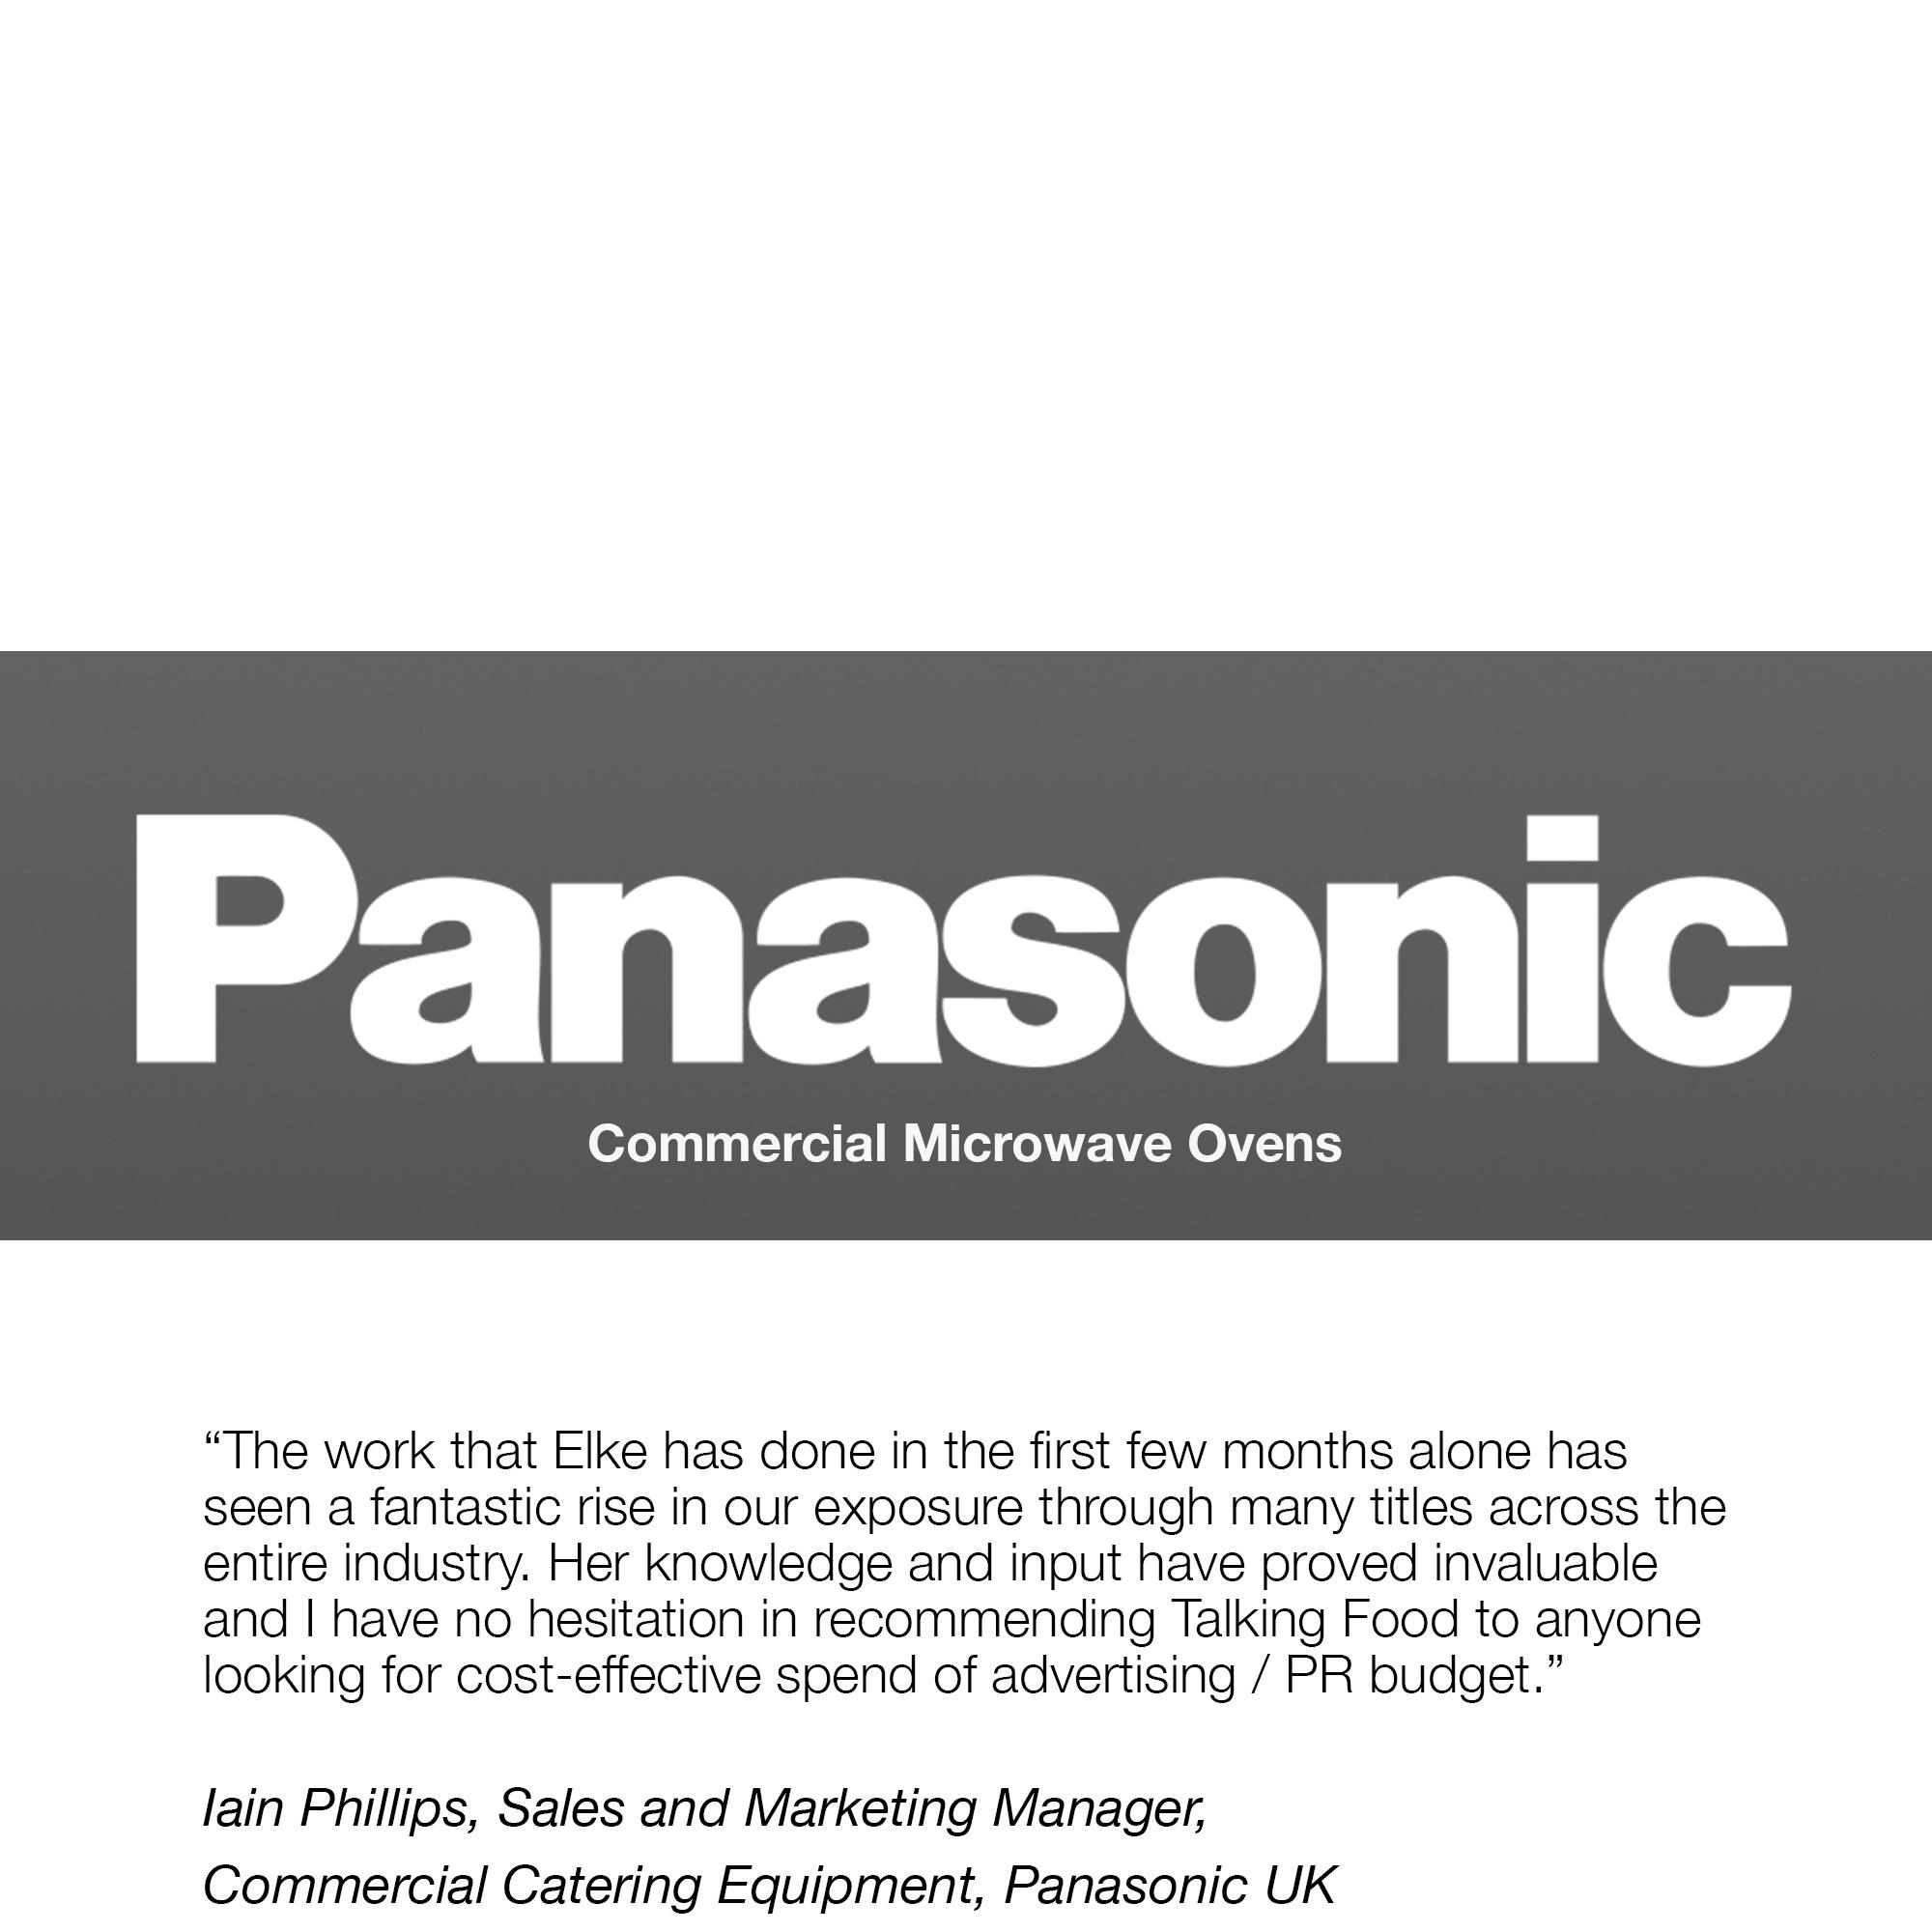 Panasonic quote.jpg